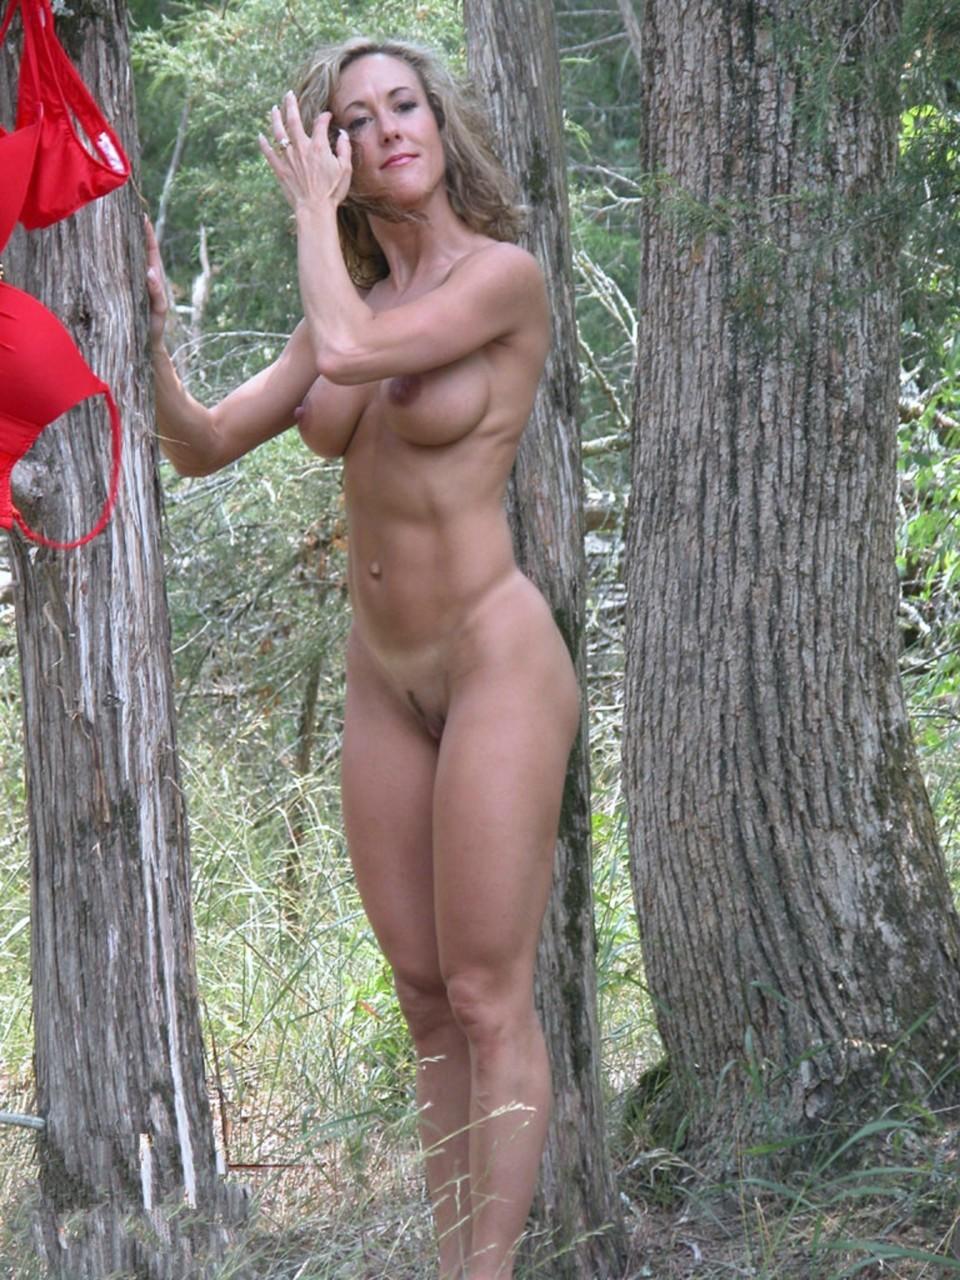 Пошлые мамки с большими сиськами на природе и дома секс фото и порно фото